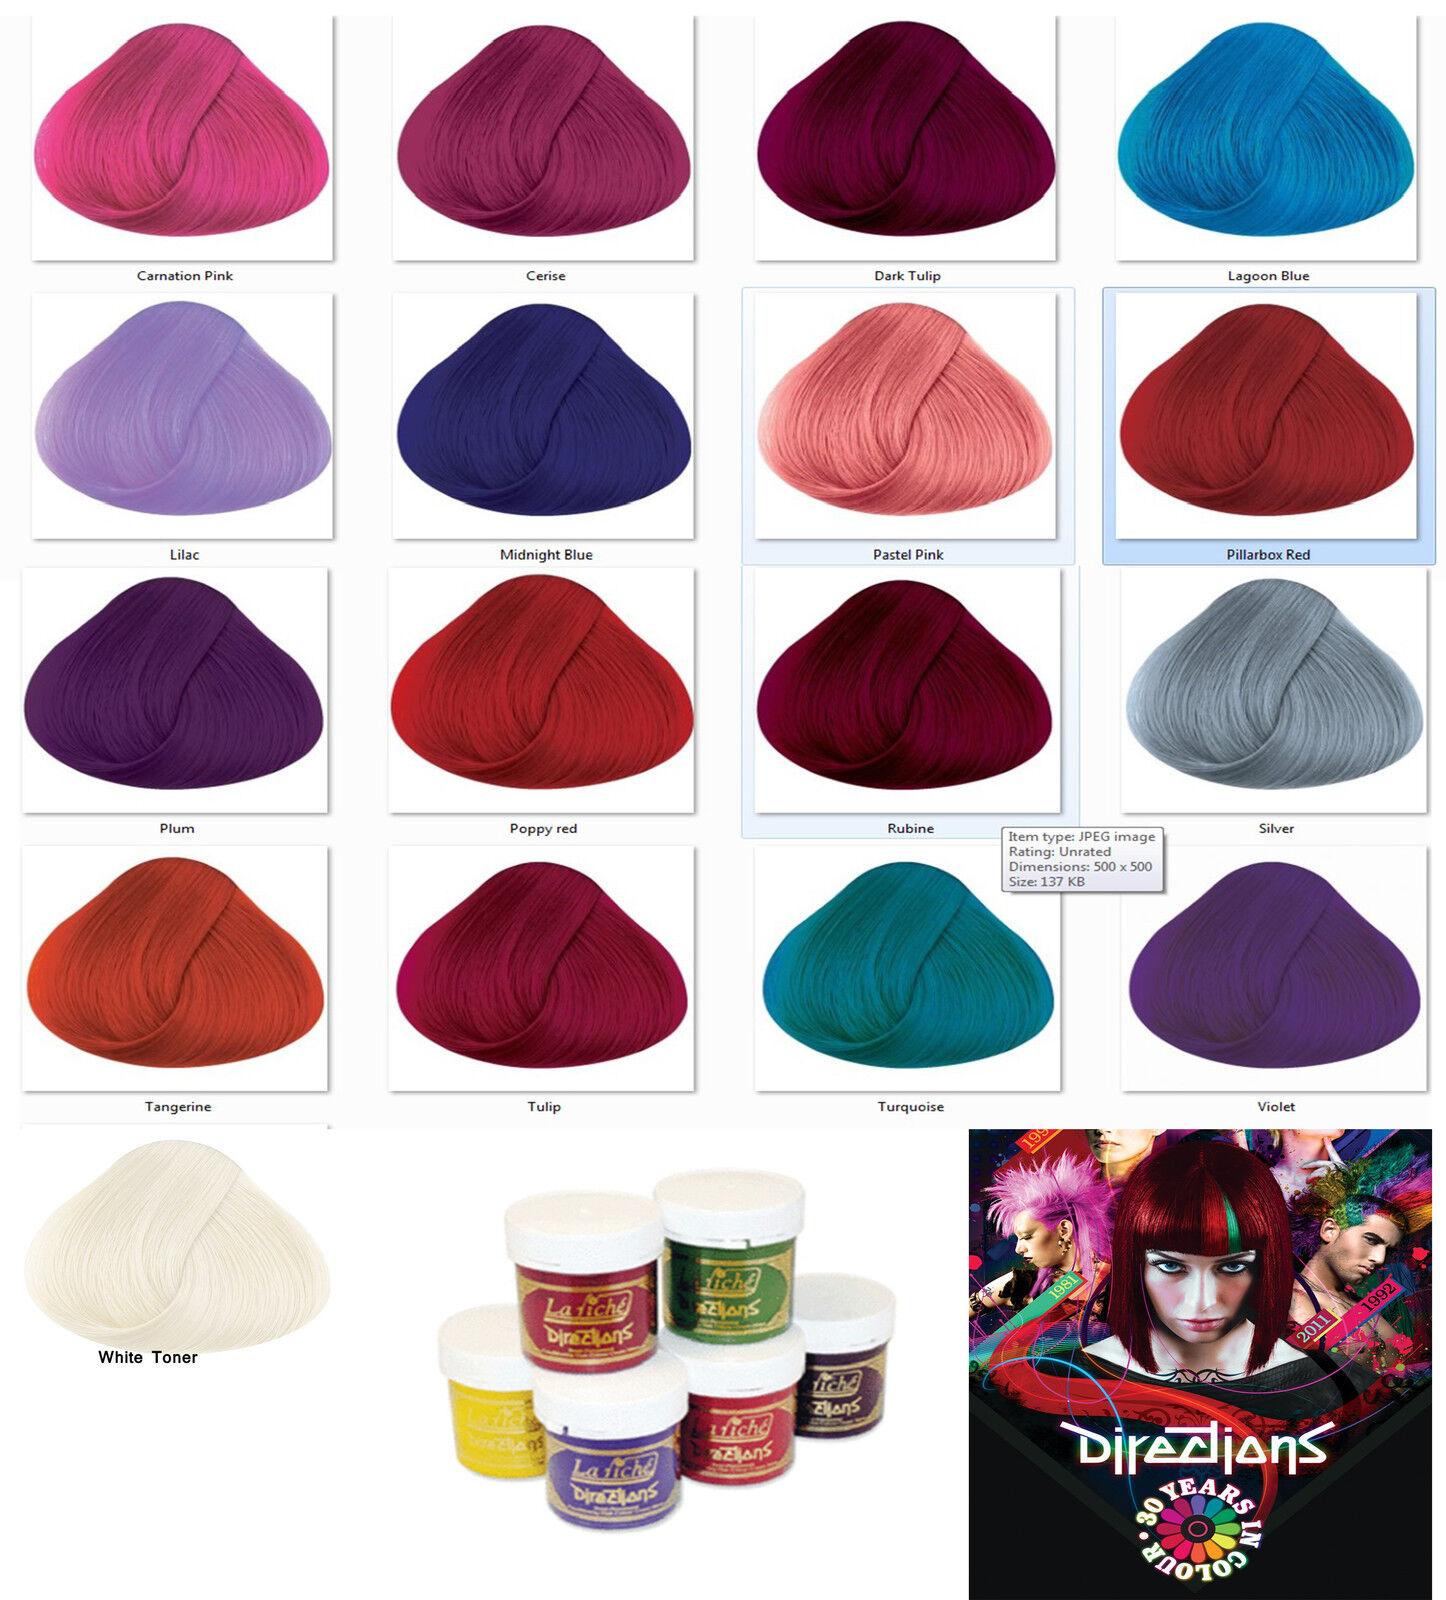 La Riche Haarfarbe Tönung Haarfarbe Farbstoff Tuben alle Farben erhältlich